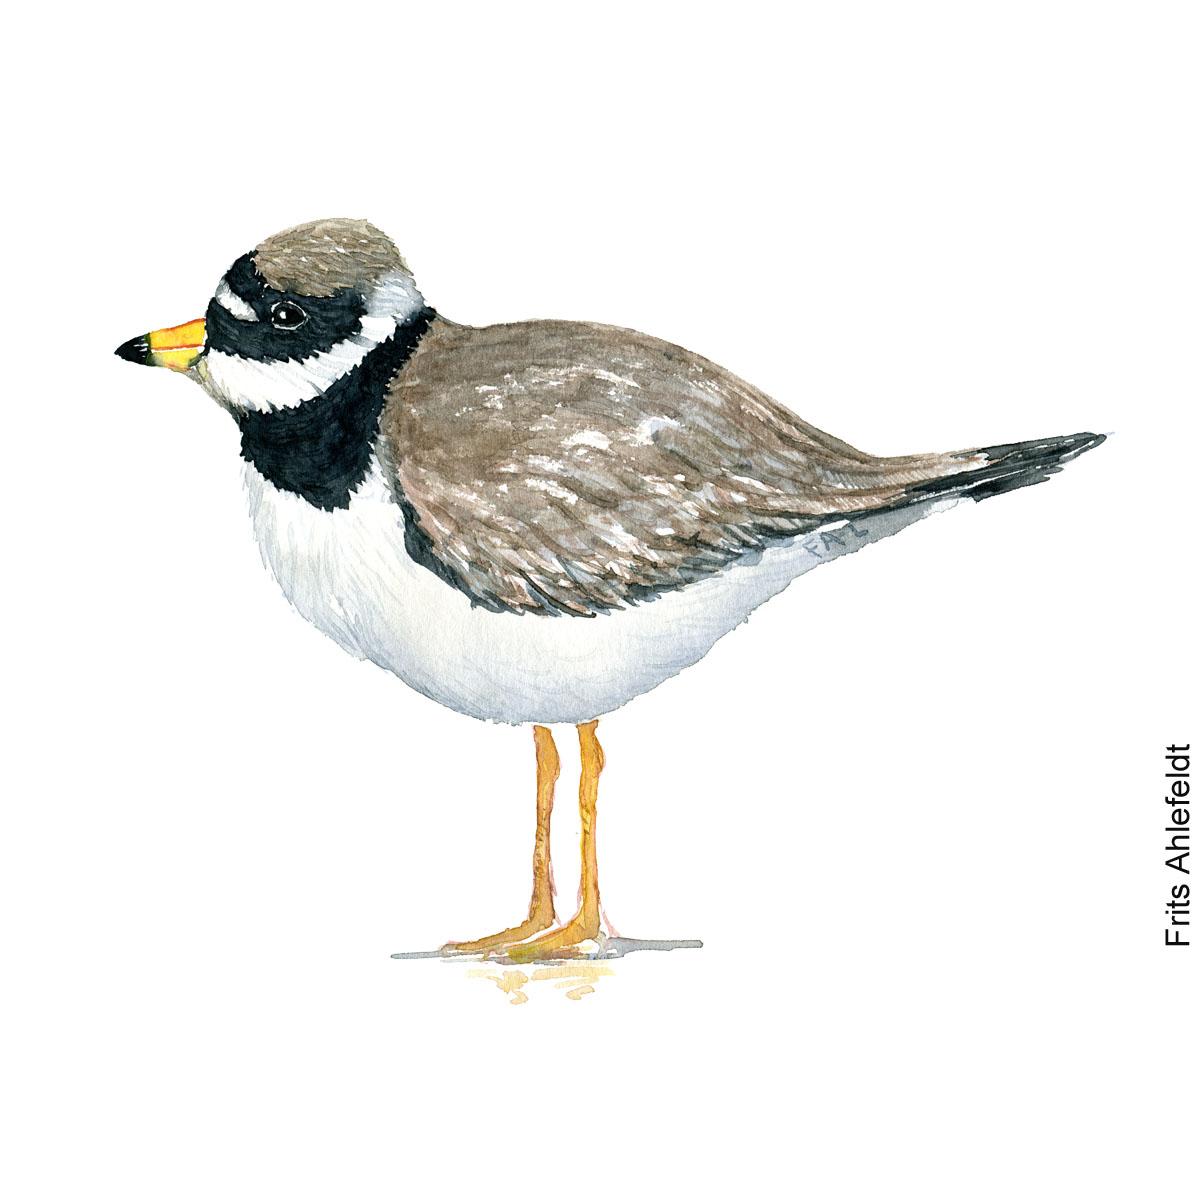 Stor praestekrage - Common ringed plover bird watercolor painting. Artwork by Frits Ahlefeldt. Fugle akvarel